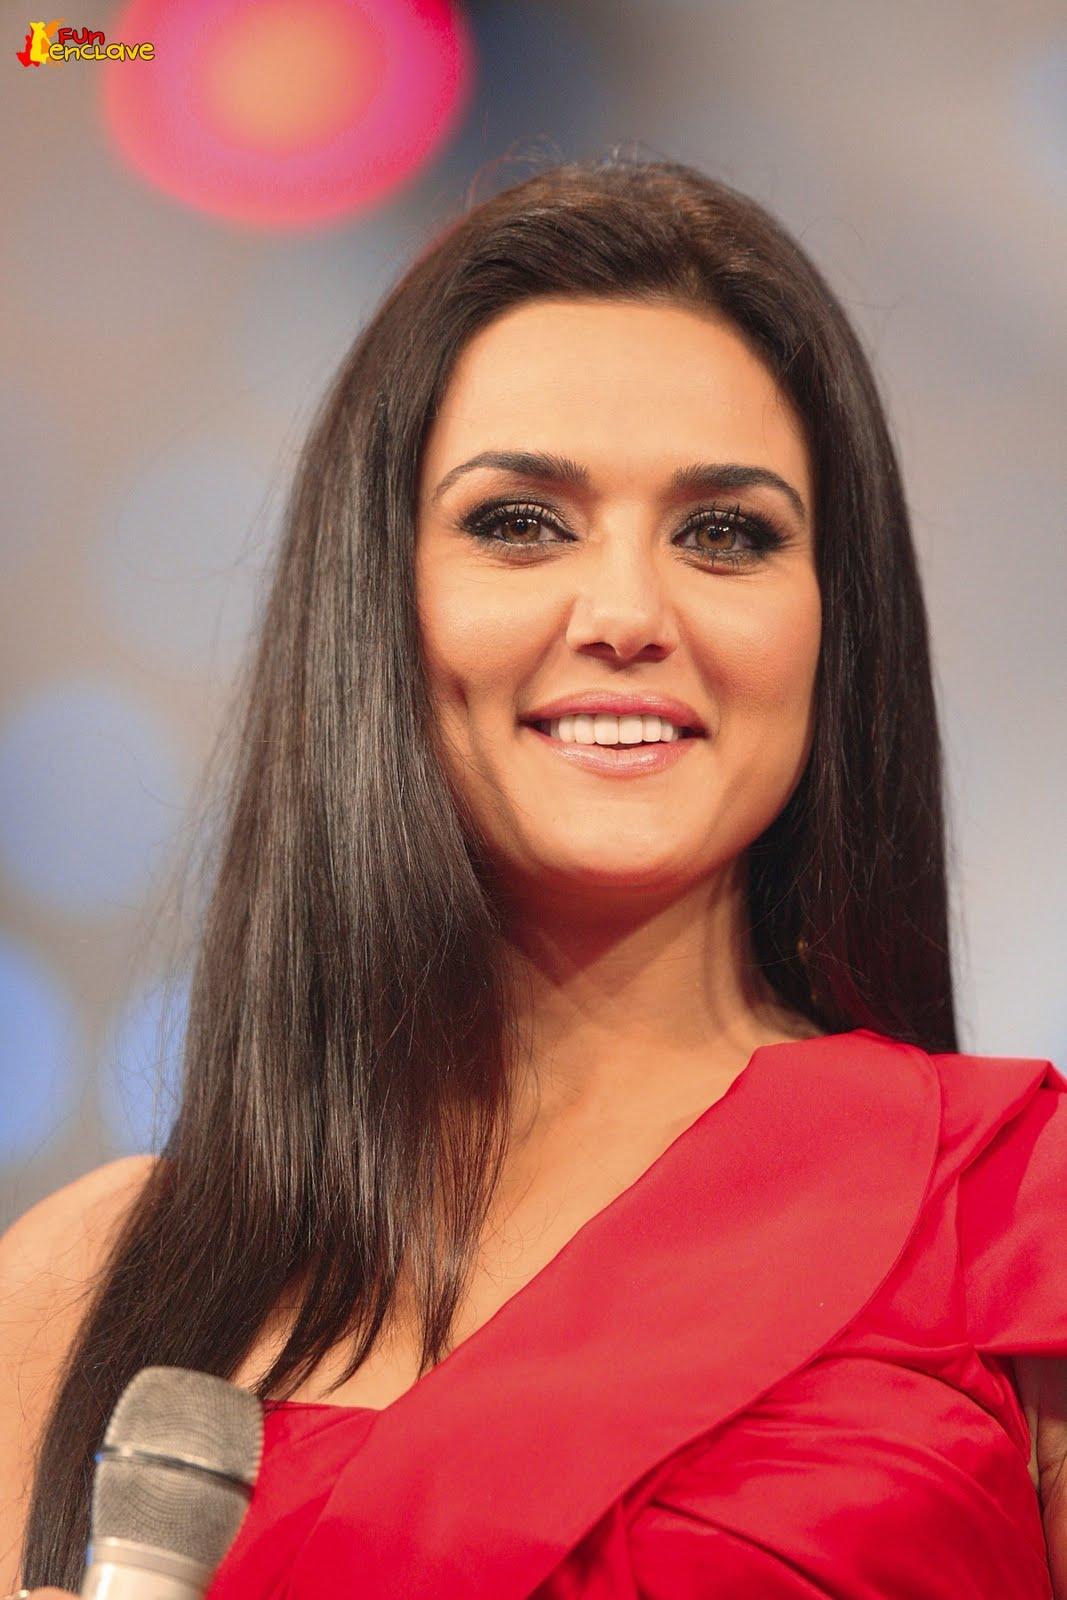 http://2.bp.blogspot.com/-IaWatBAPAzQ/TdEDeQwX39I/AAAAAAAACR4/0-MskBXxYpU/s1600/Closeup-of-Preity-Zinta-at-IPL-Awards-2010.jpg